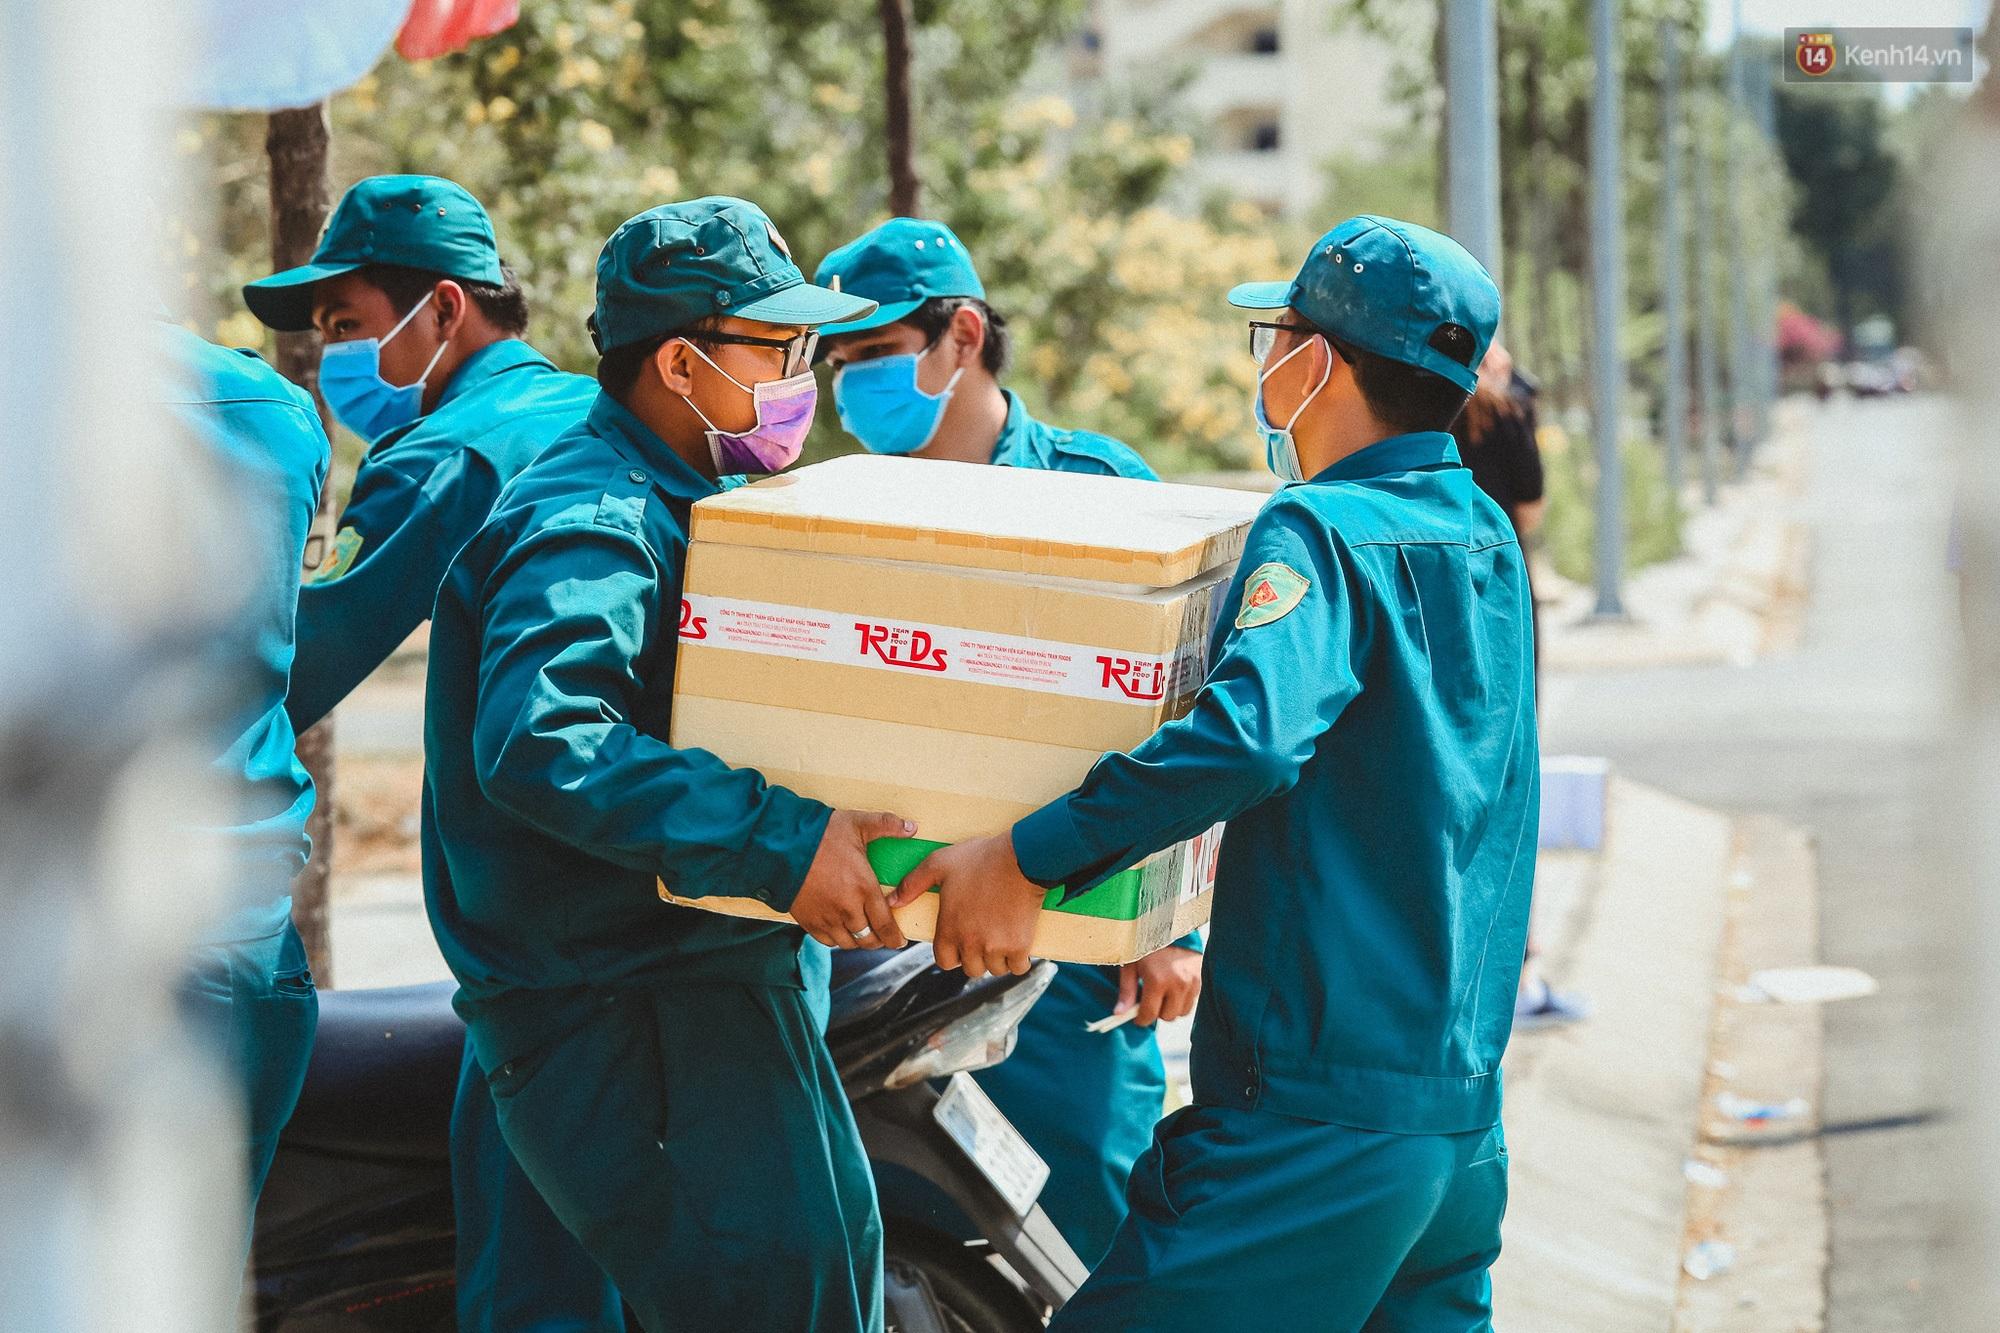 Người cách ly ở KTX âm thầm mua sữa tặng các anh dân quân tự vệ để cảm ơn vì ngày đêm chuyển hàng viện trợ - Ảnh 2